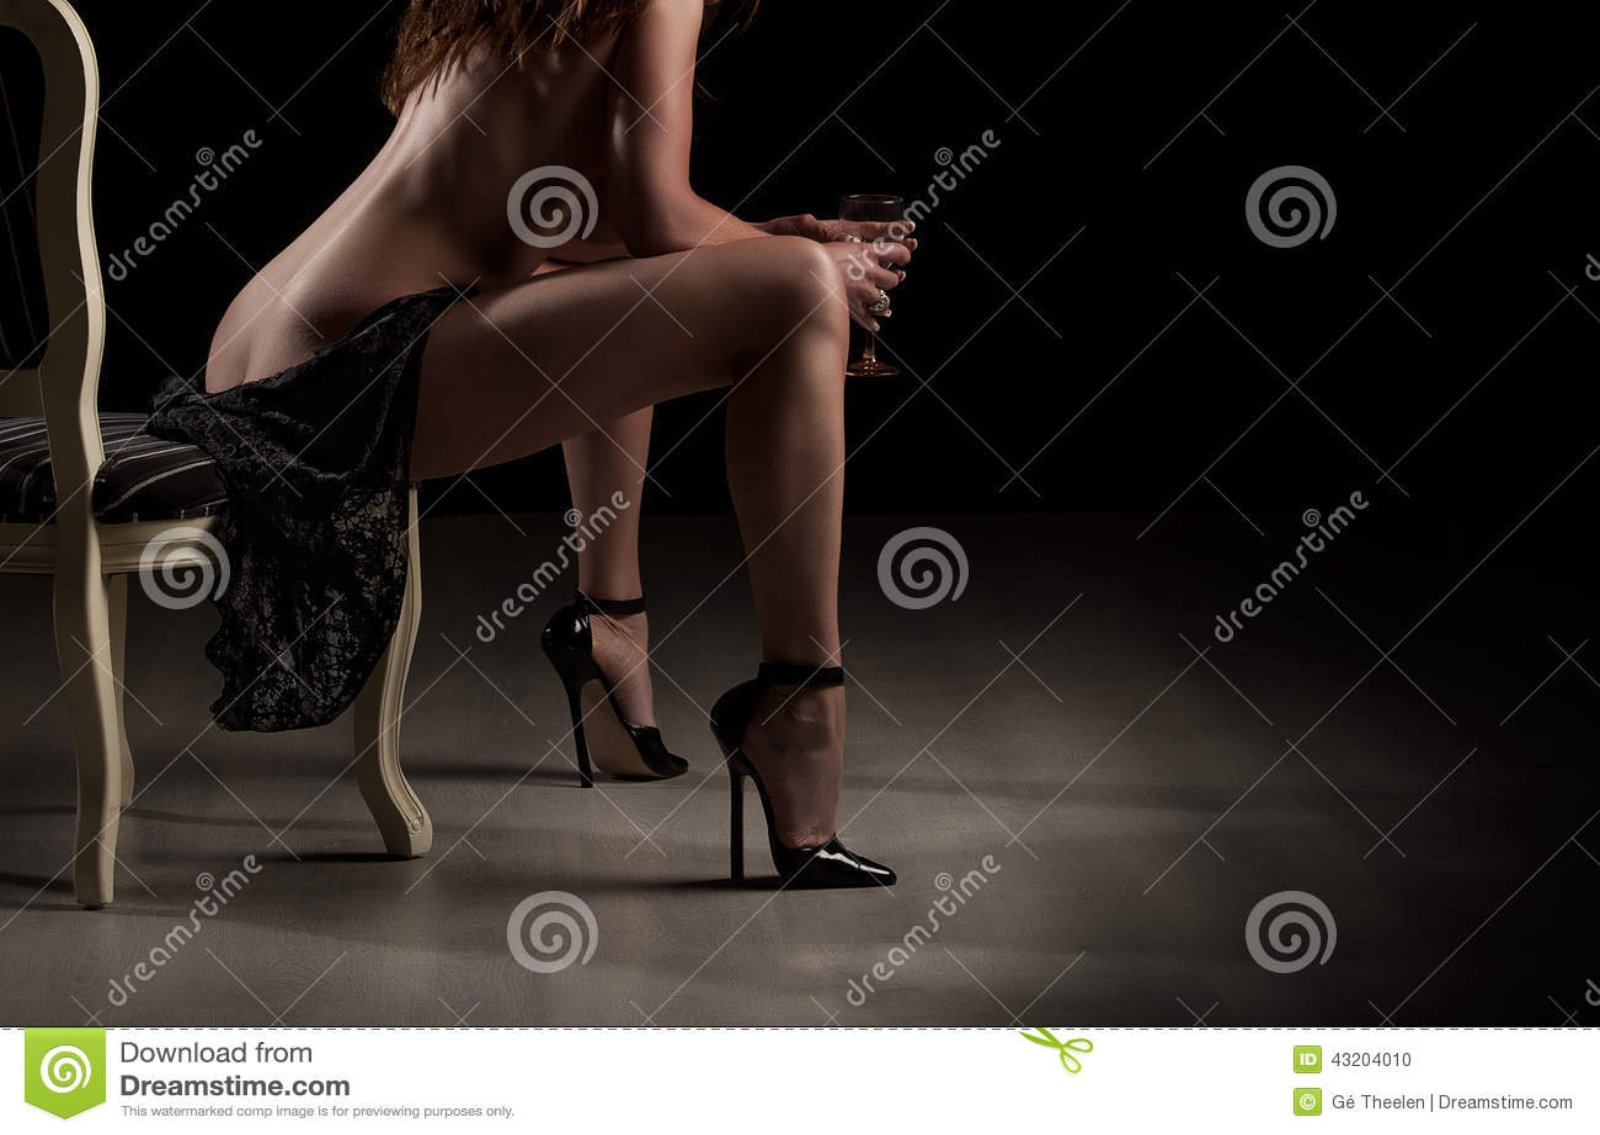 Download Skönhet modellerar arkivfoto. Bild av kanter, stol, naket - 43204010